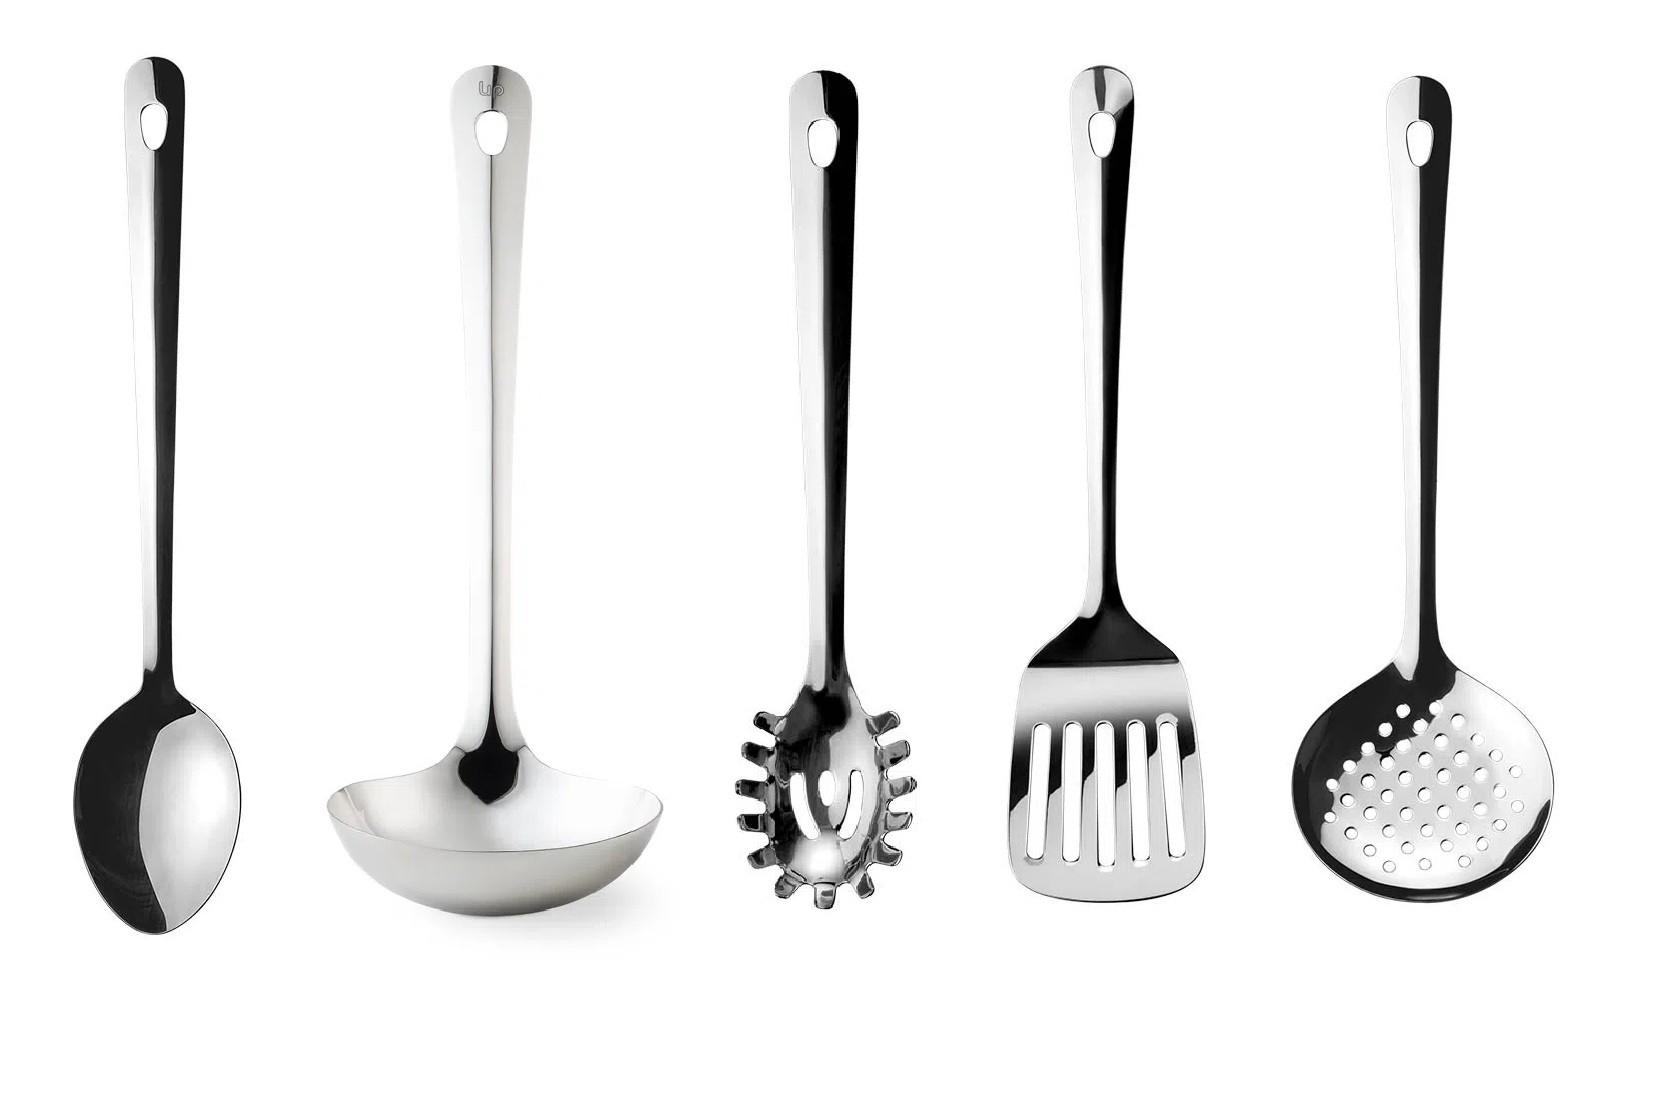 Conjunto de utensílios Inox Concha Colher Espátula Escumadeira e Pegador de massas 5 peças + Suporte  - Mix Eletro